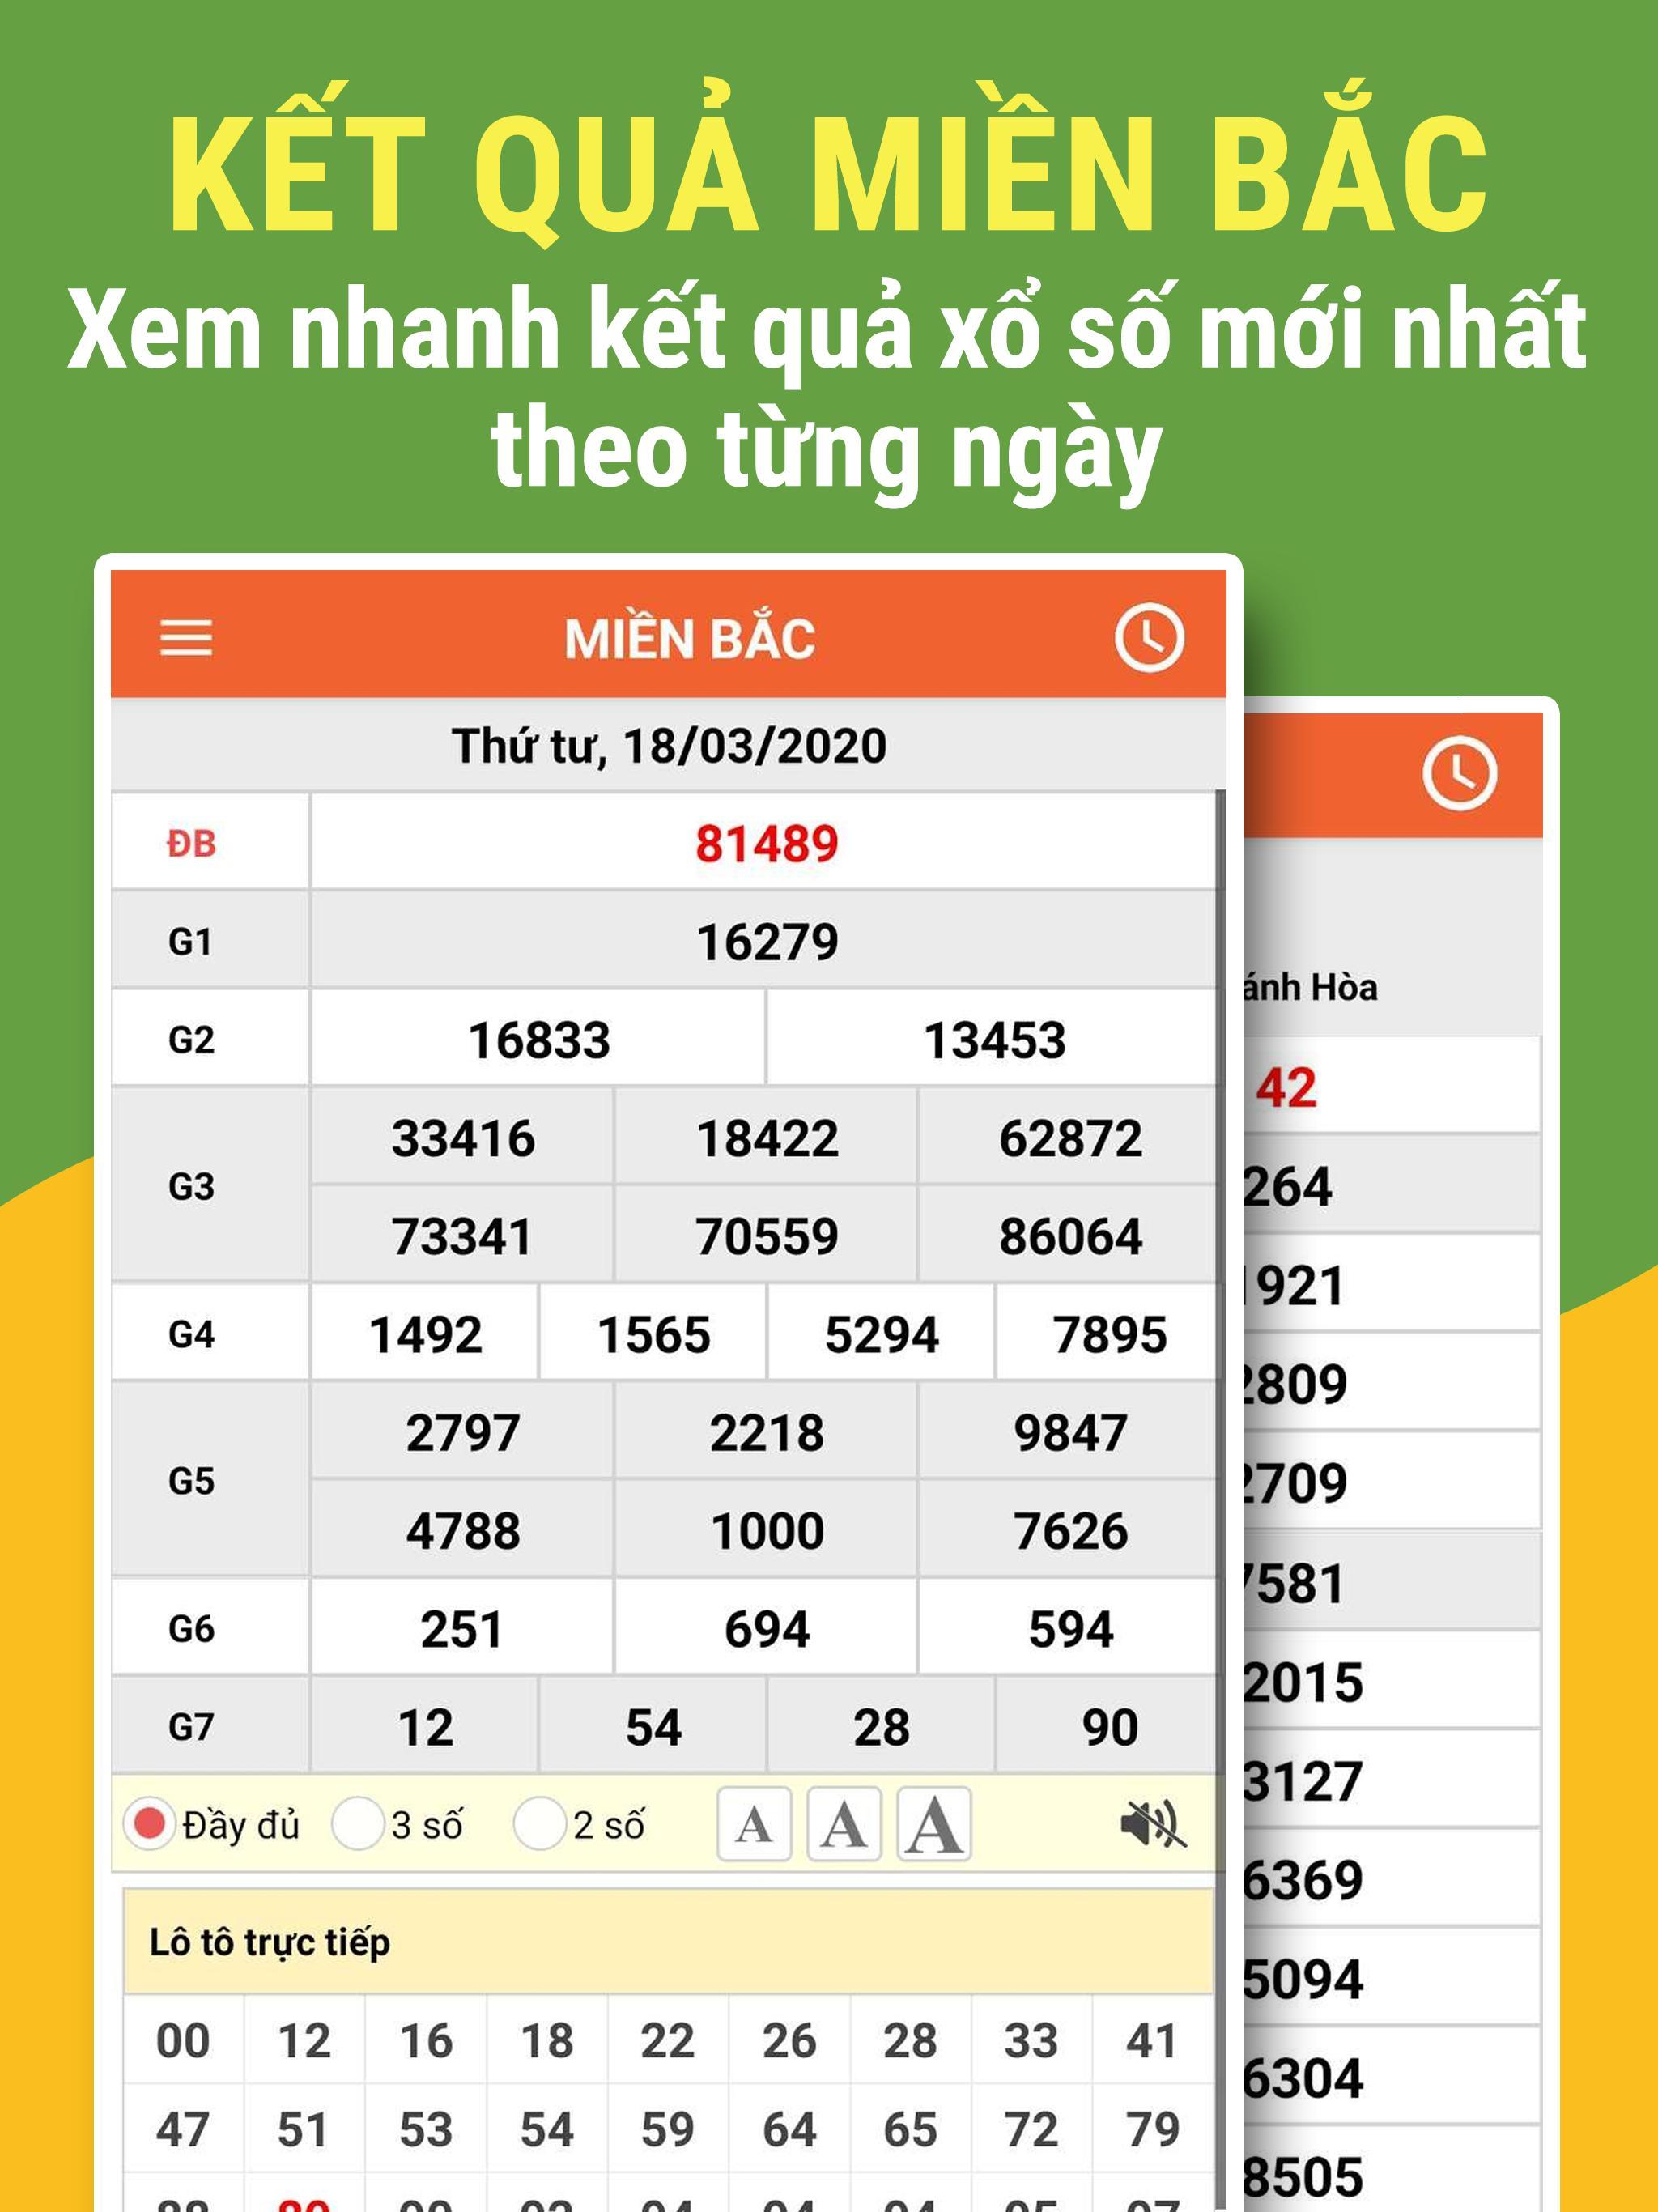 Xổ Số Minh Ngọc Xsmn Xổ Số Miền Nam Xsmb Xsmt For Android Apk Download